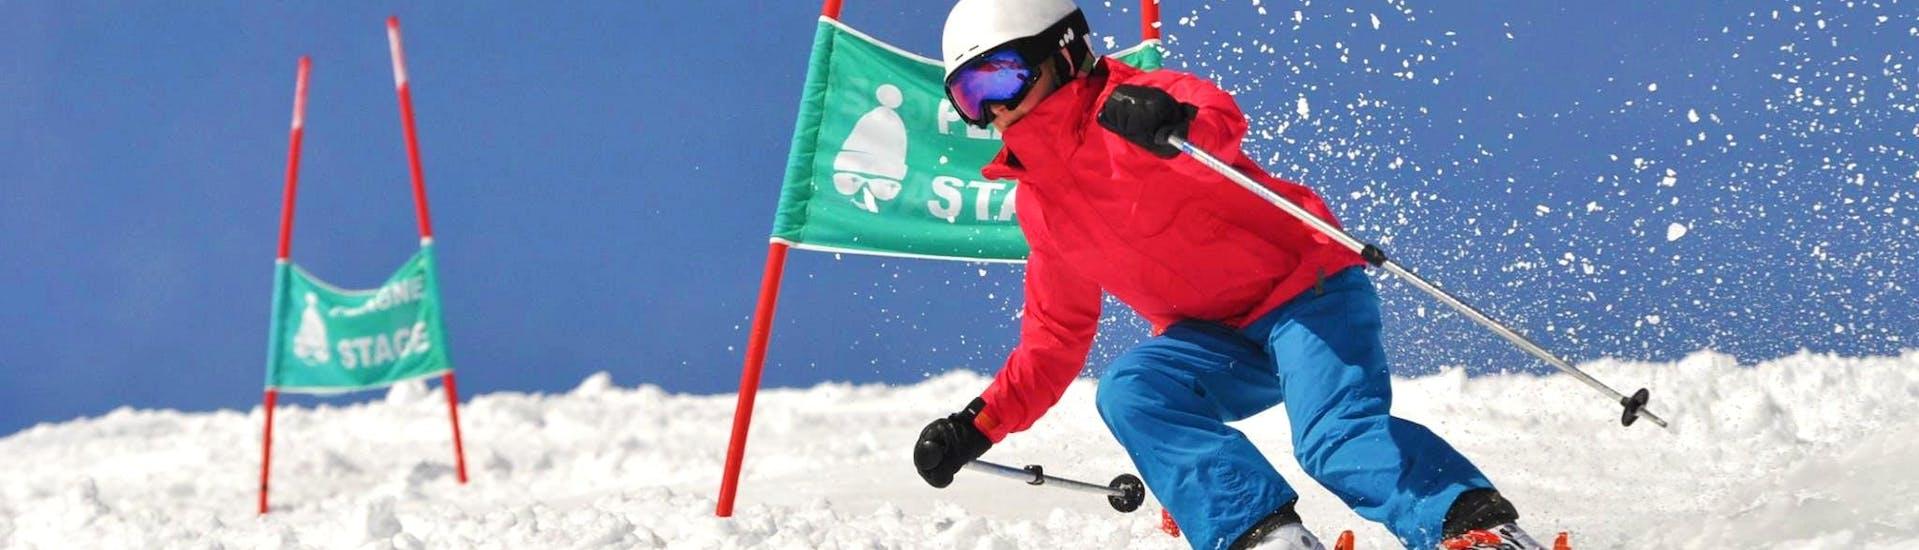 Cours de ski slalom pour Ados & Adultes - Expérimenté